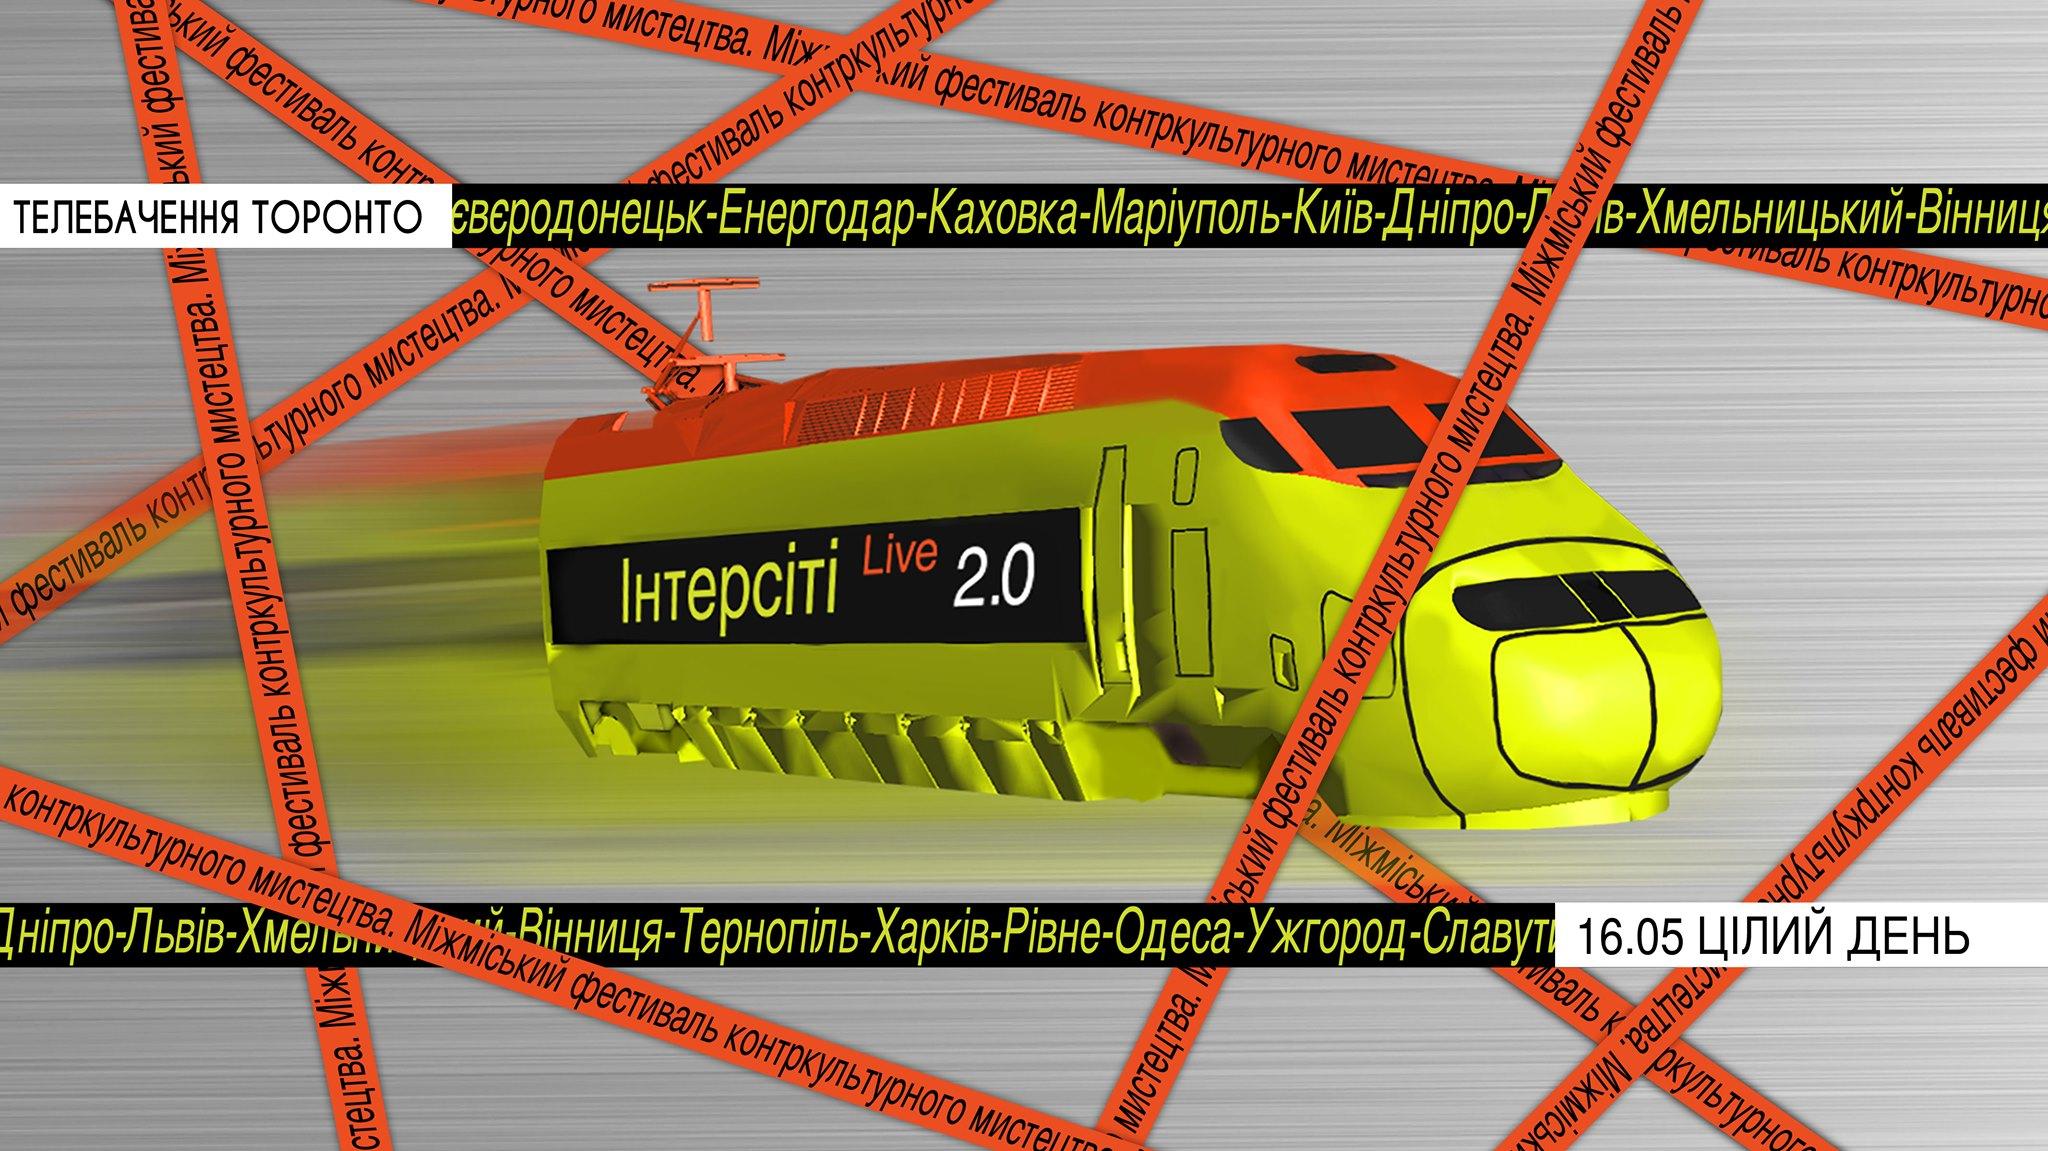 Львівський вагон на Інтерсіті Live 2.0